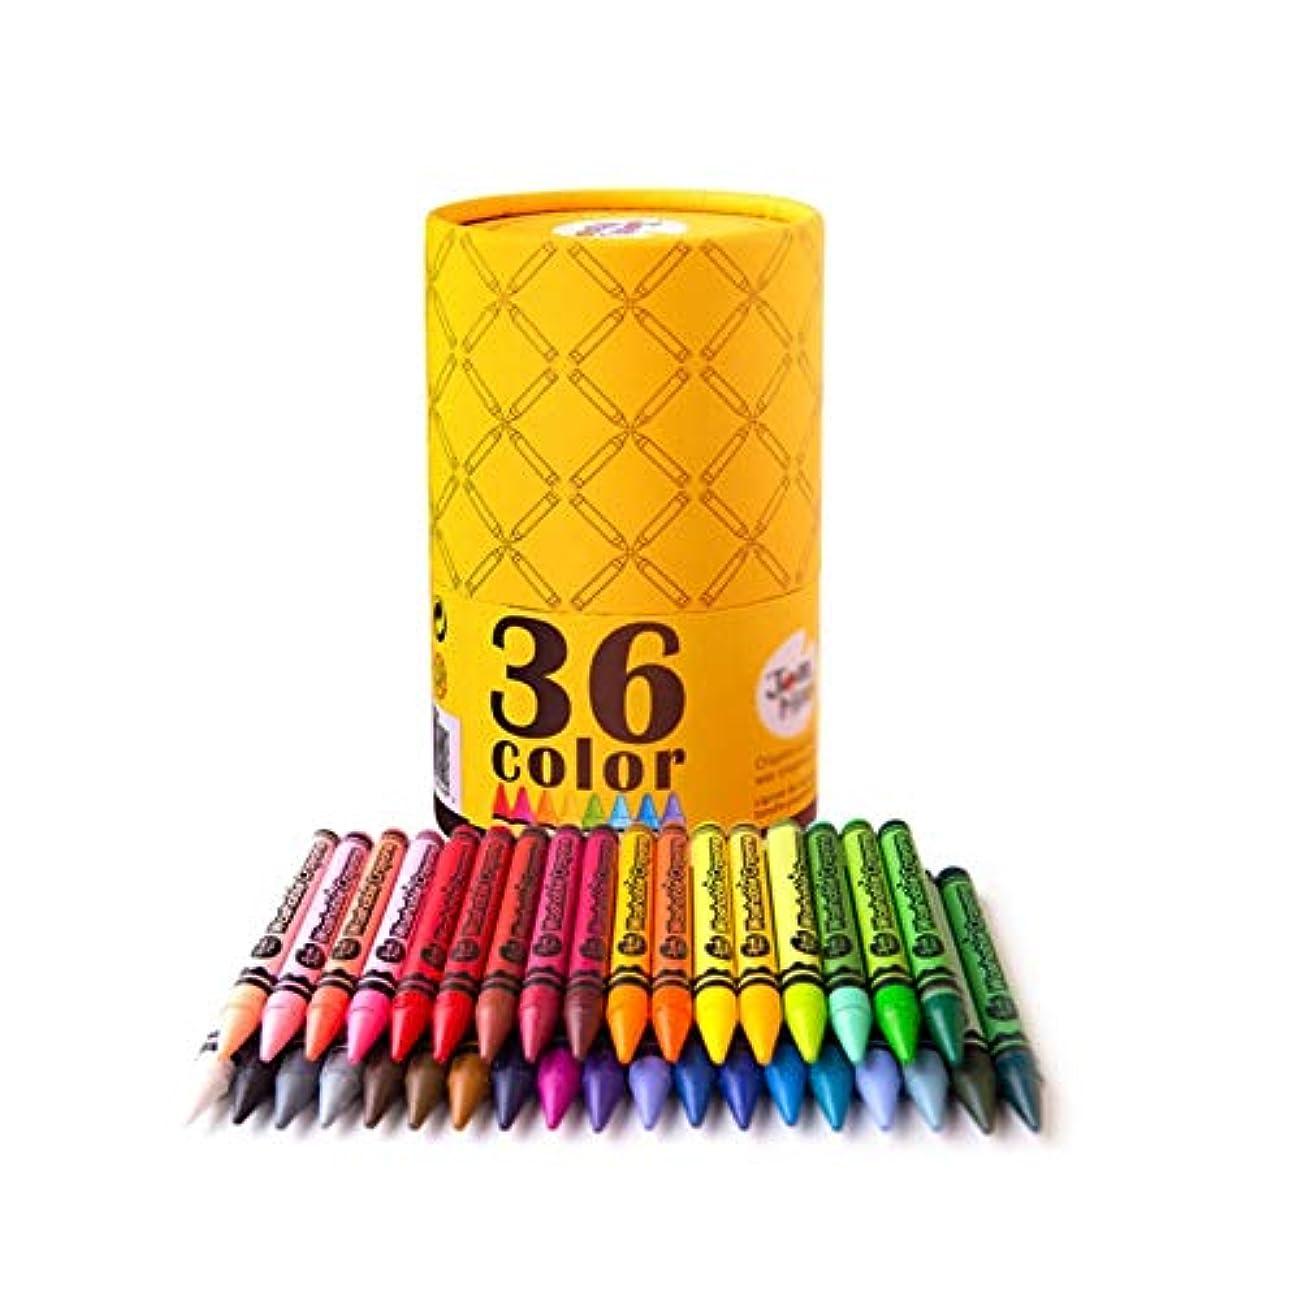 タールからポーンWuhuizhenjingxiaobu001 ペイントブラシ、36色の洗える太い棒の落下防止ブラシ、学生/絵画クレヨンを学ぶ子供たち練習ペイントツール(36色、14 * 9 cm) 良い着色効果 (Color : 36 colors, Size : 14*9cm)